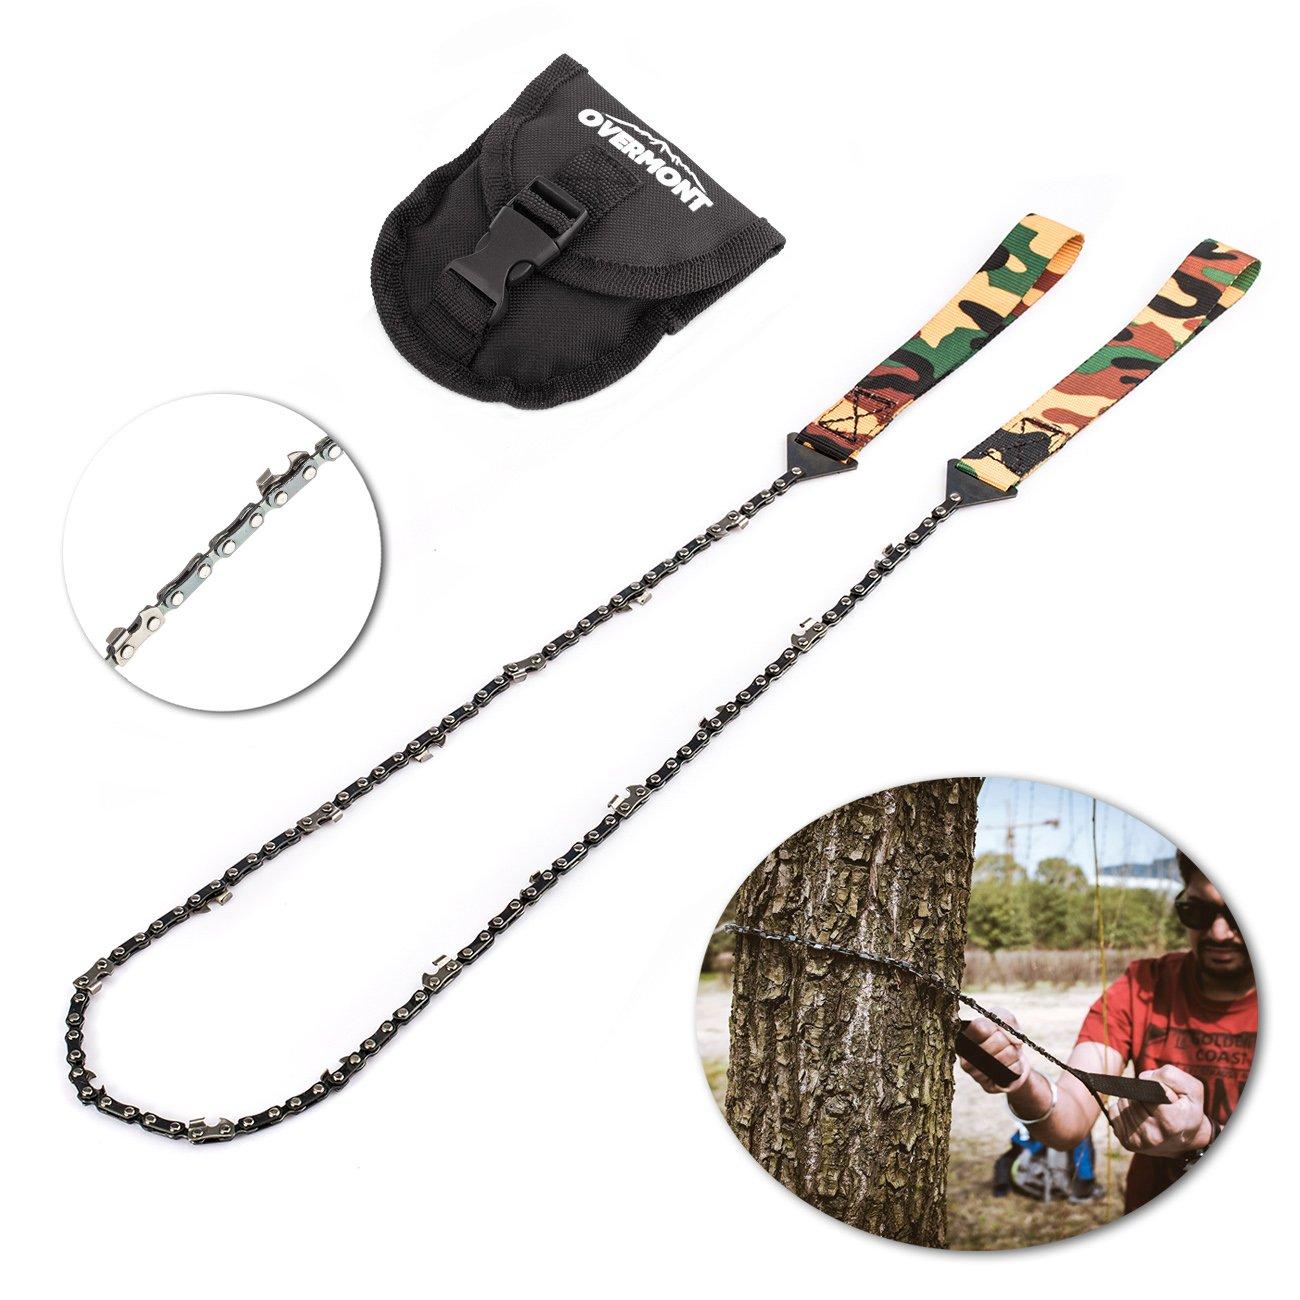 Overmont 16 dientes Sierra de cadena manual kit de supervivencia para camping senderismo al aire libre